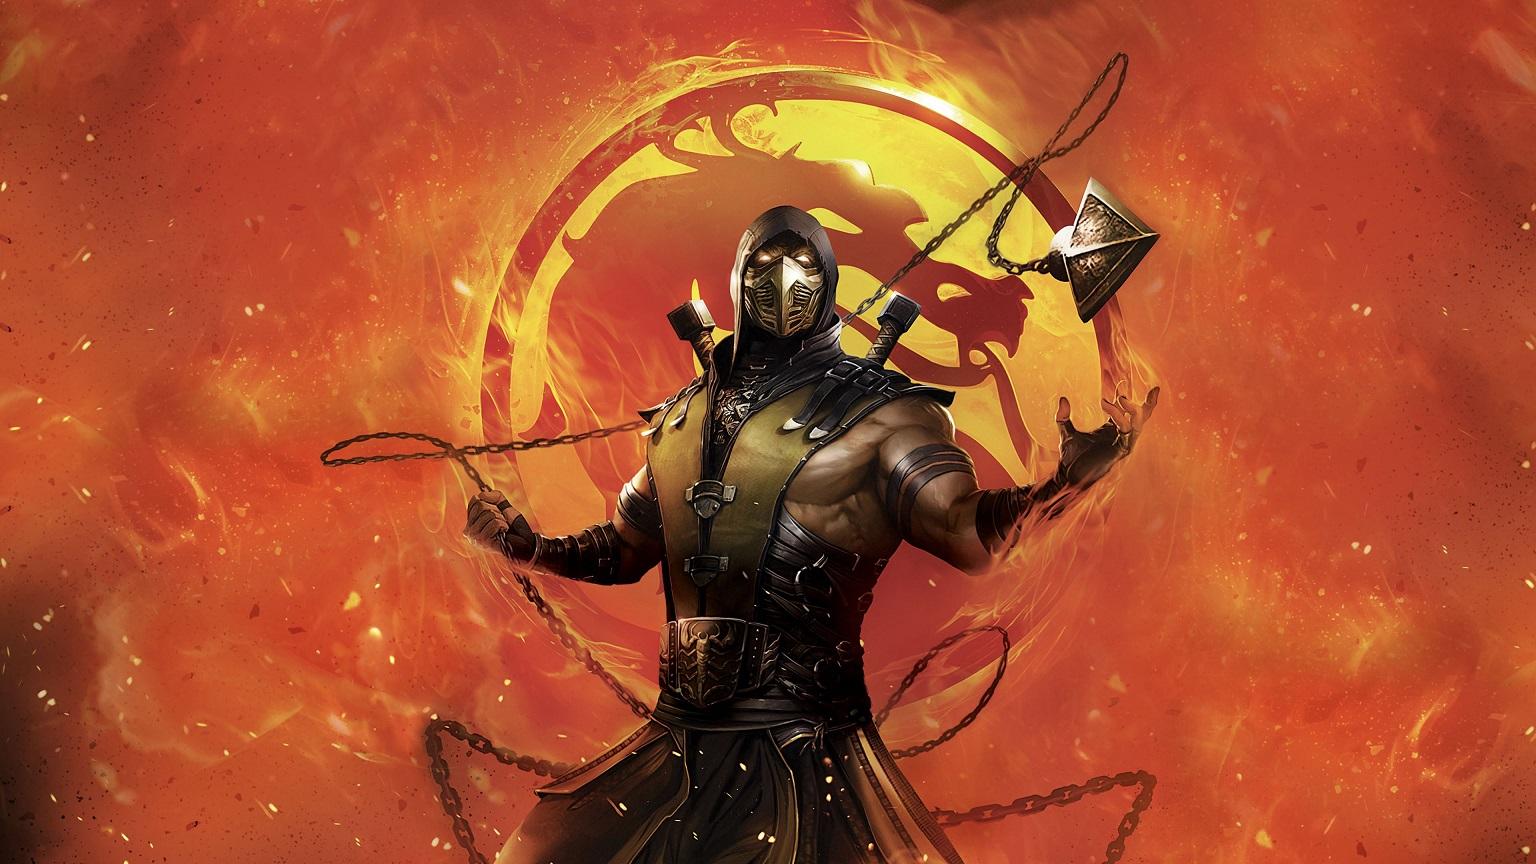 Известна дата премьеры новой экранизации Mortal Kombat. Фильм выйдет не только в кинотеатрах